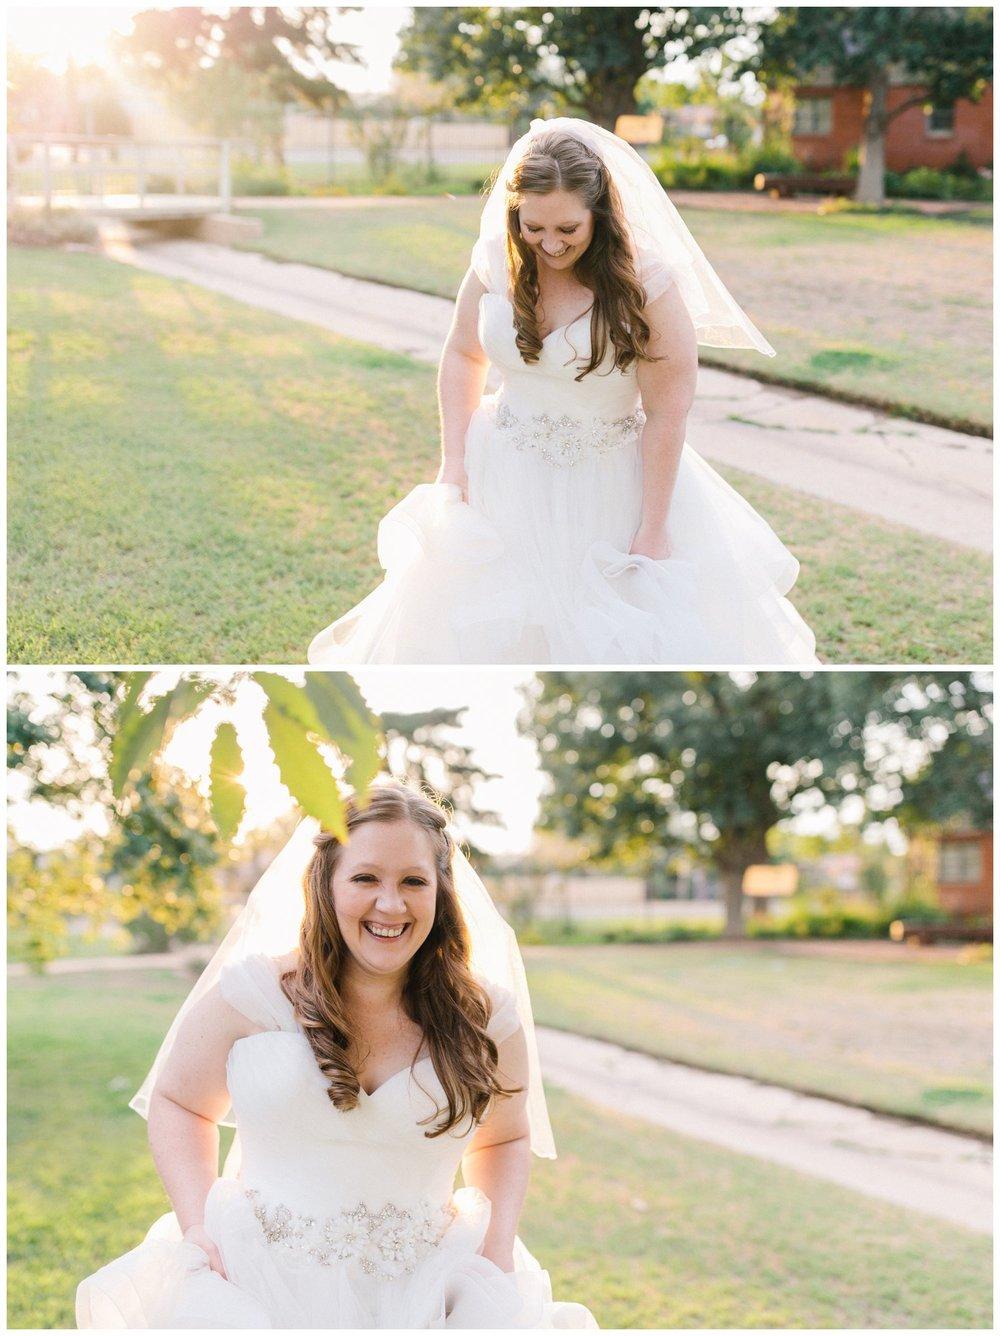 Kamie_Lubbock arboretum bridal portraits_45.jpg